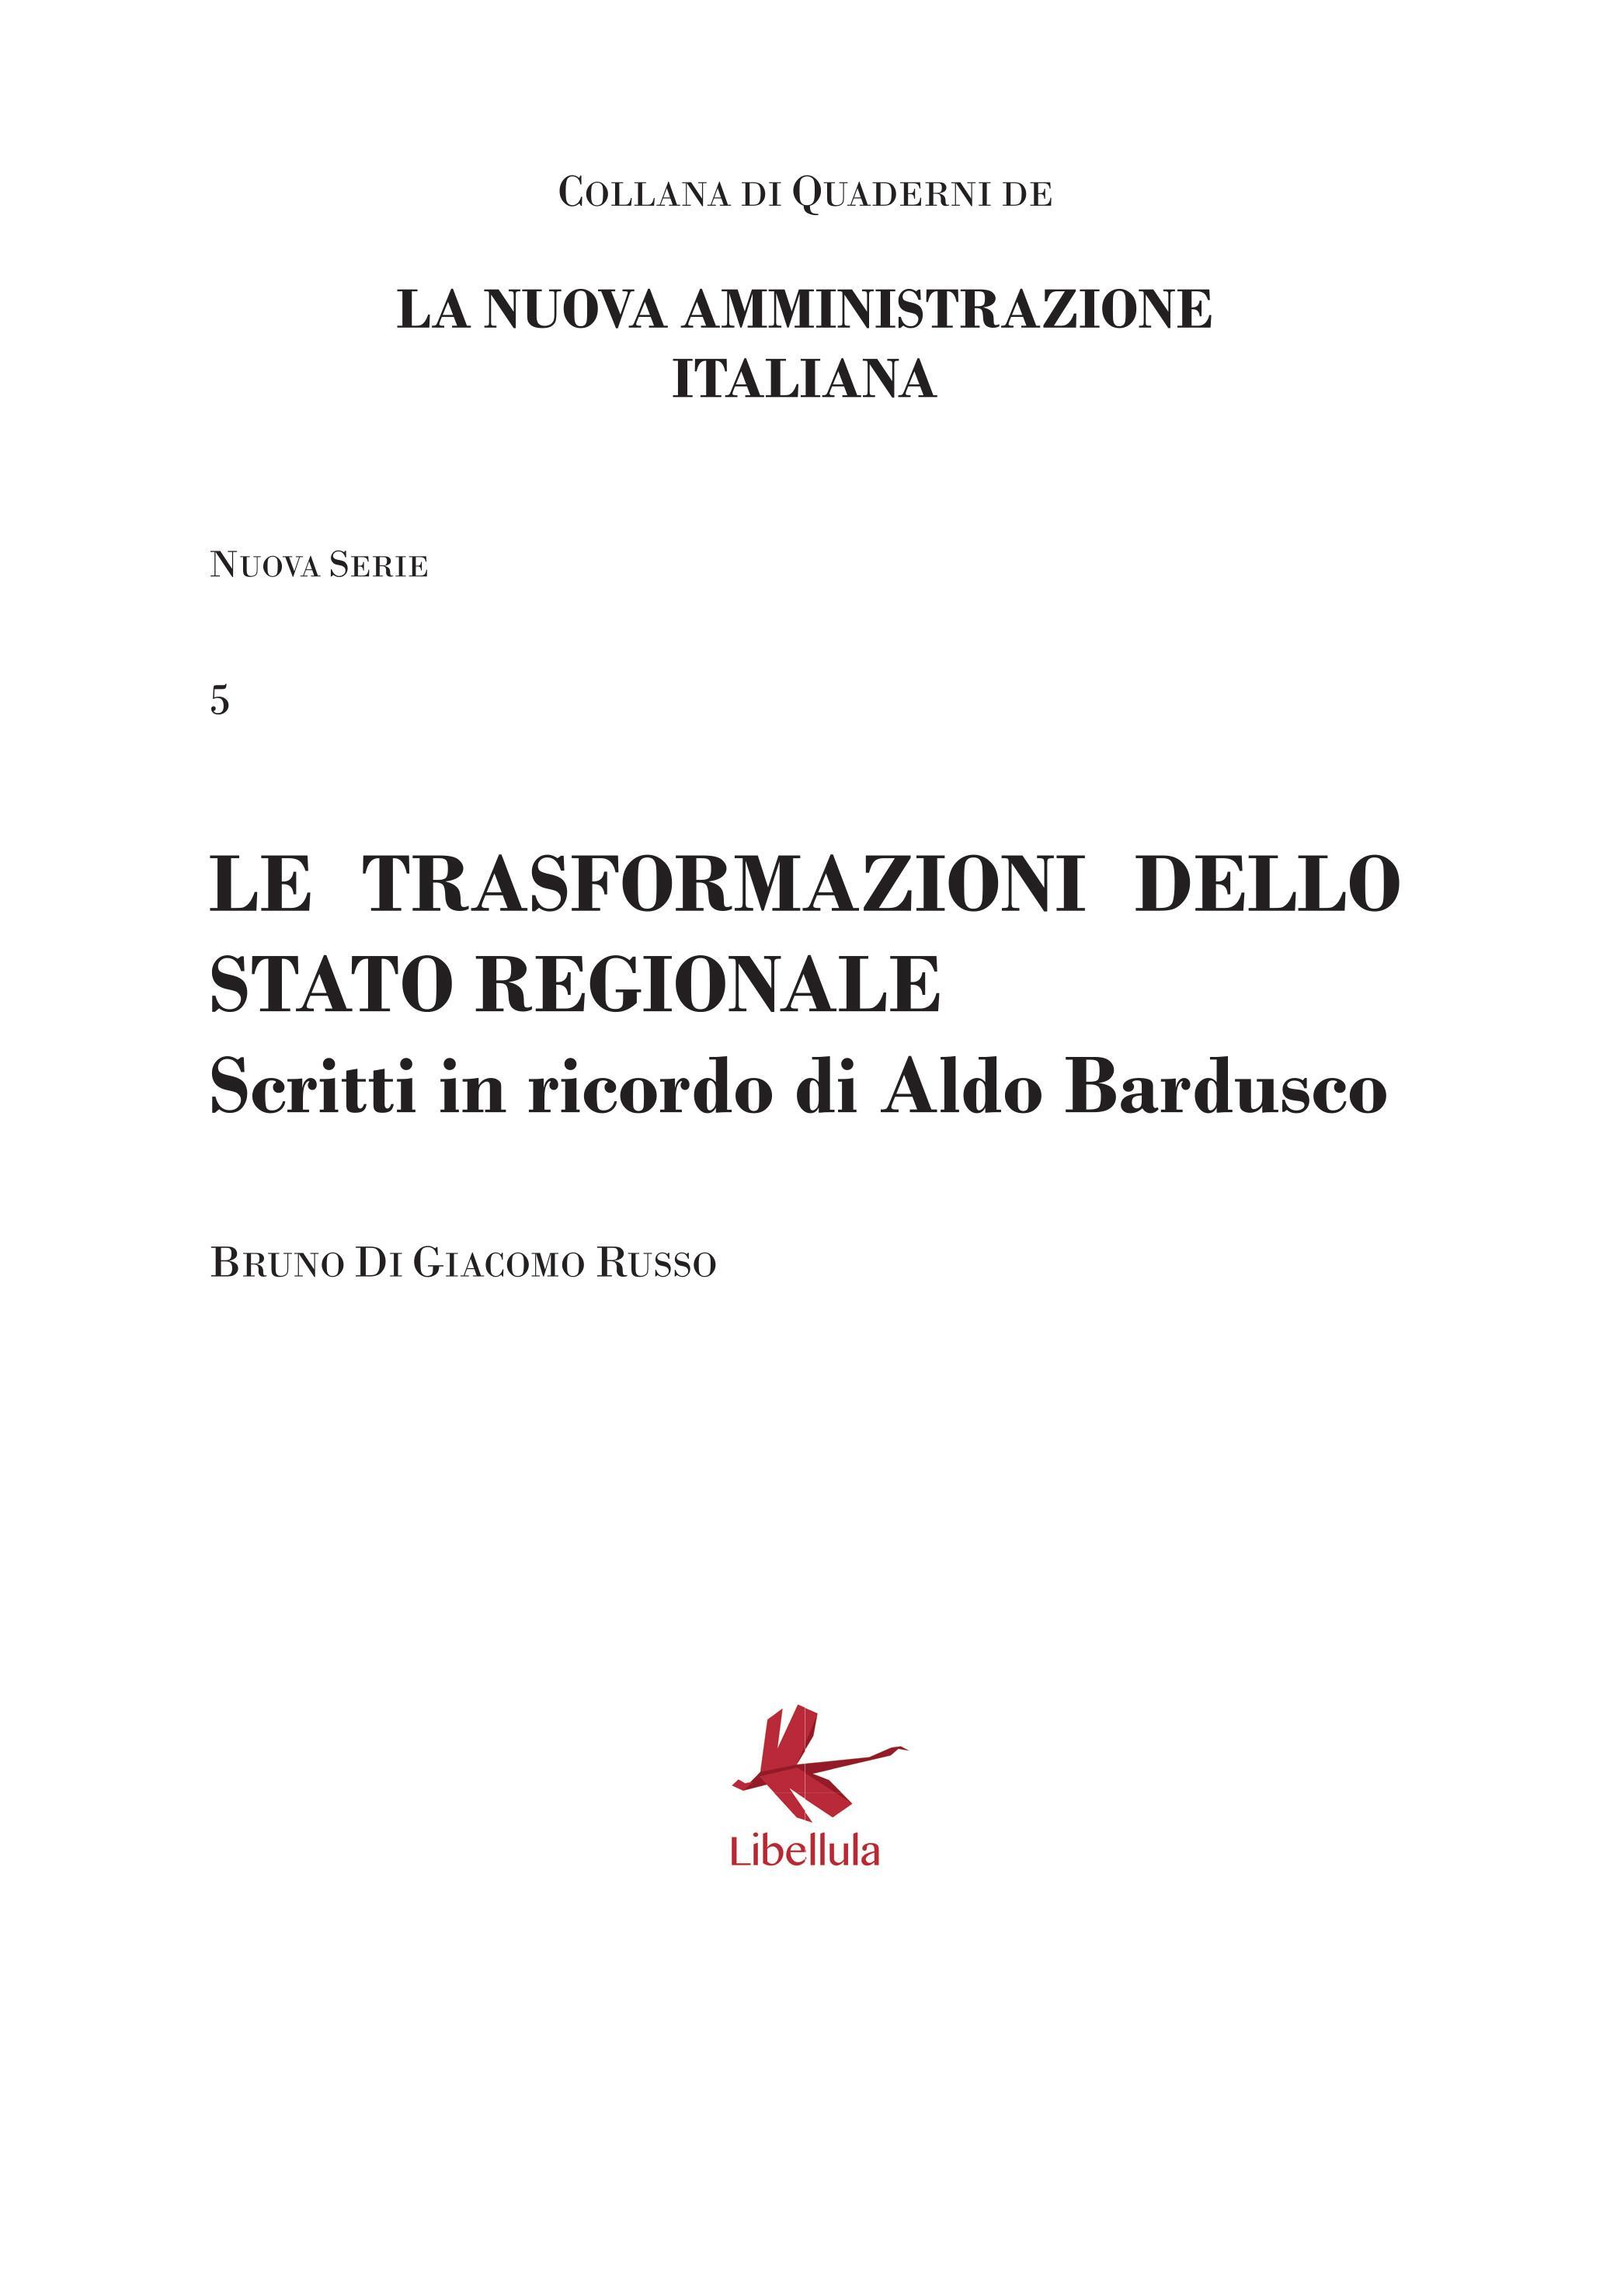 Le trasformazioni dello stato regionale - Scritti in ricordo di Aldo Bardusco